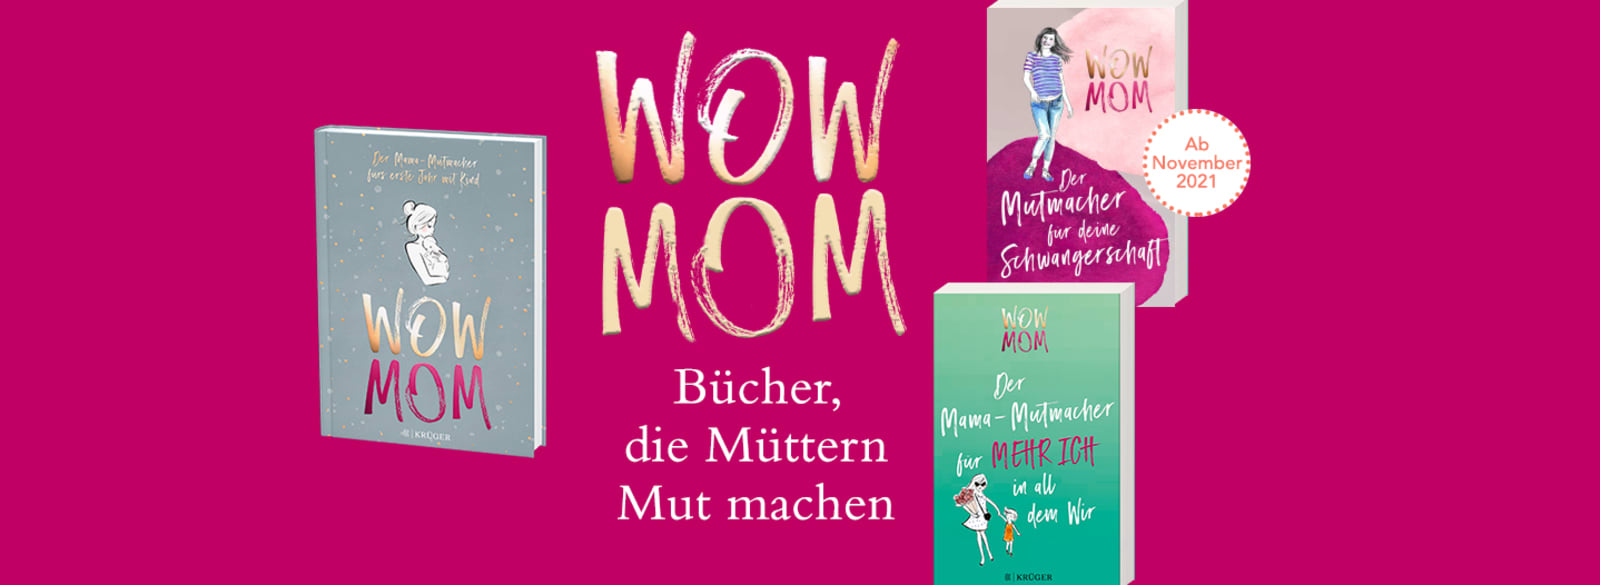 Herobanner WOW MOM 1-3